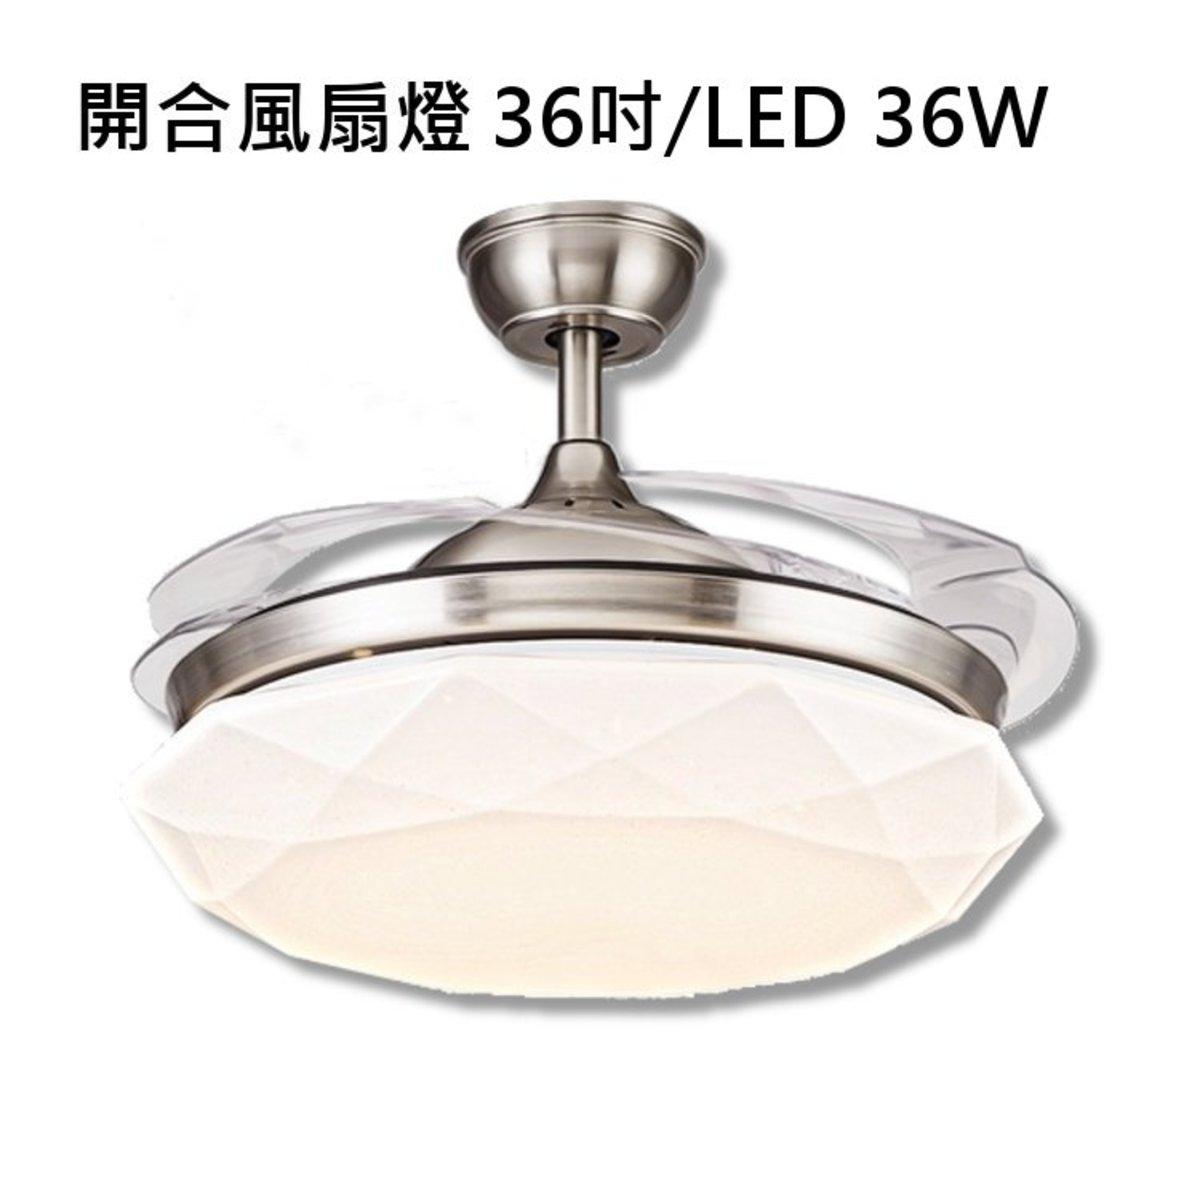 LED風扇燈飾 FANSV-36吋 - LED 36w - 三色分段 - 天花燈